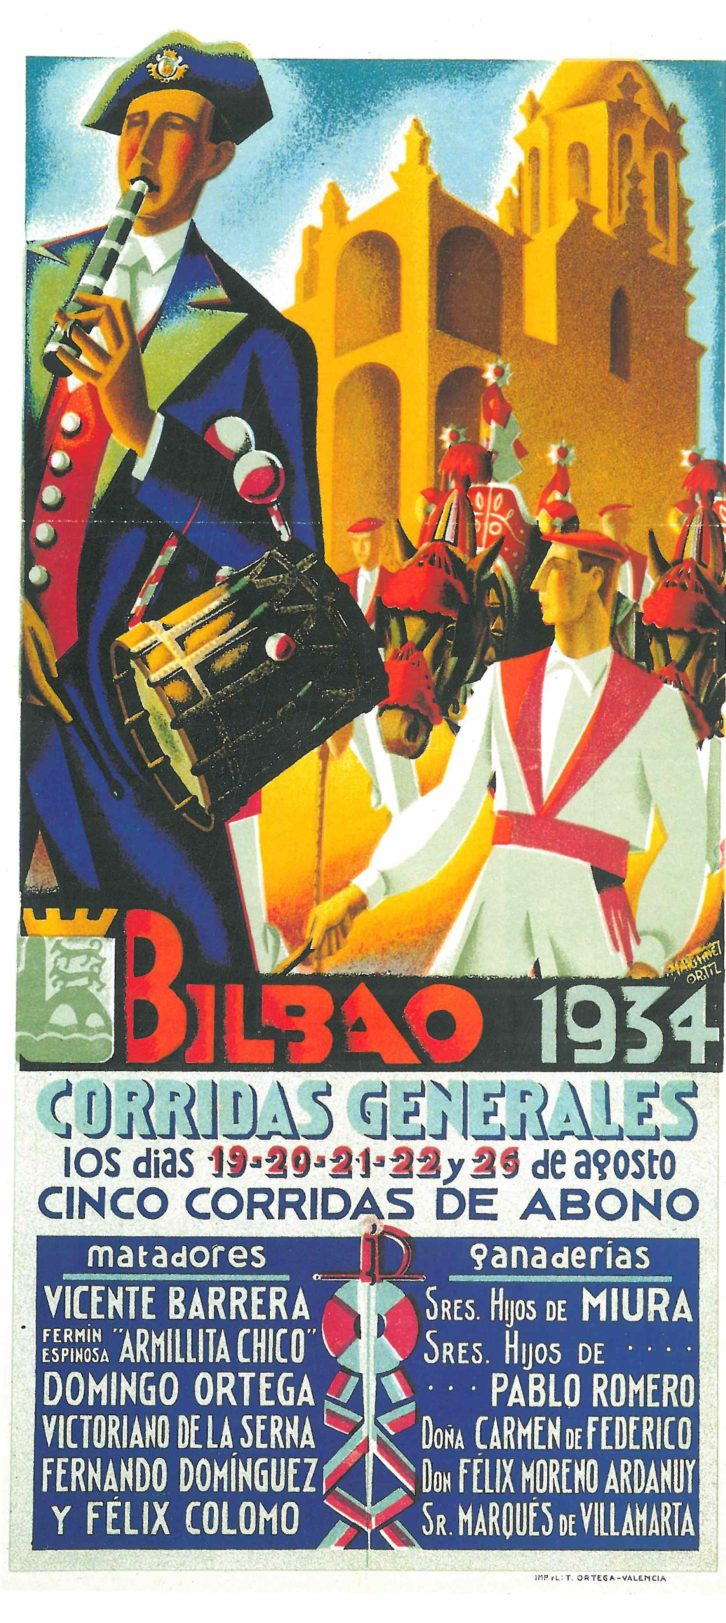 """Cartel de Martínez Ortiz para las """"Corridas Generales de Bilbao"""" de 1934. Imagen cortesía de la biblioteca del Museo Taurino de Valencia."""